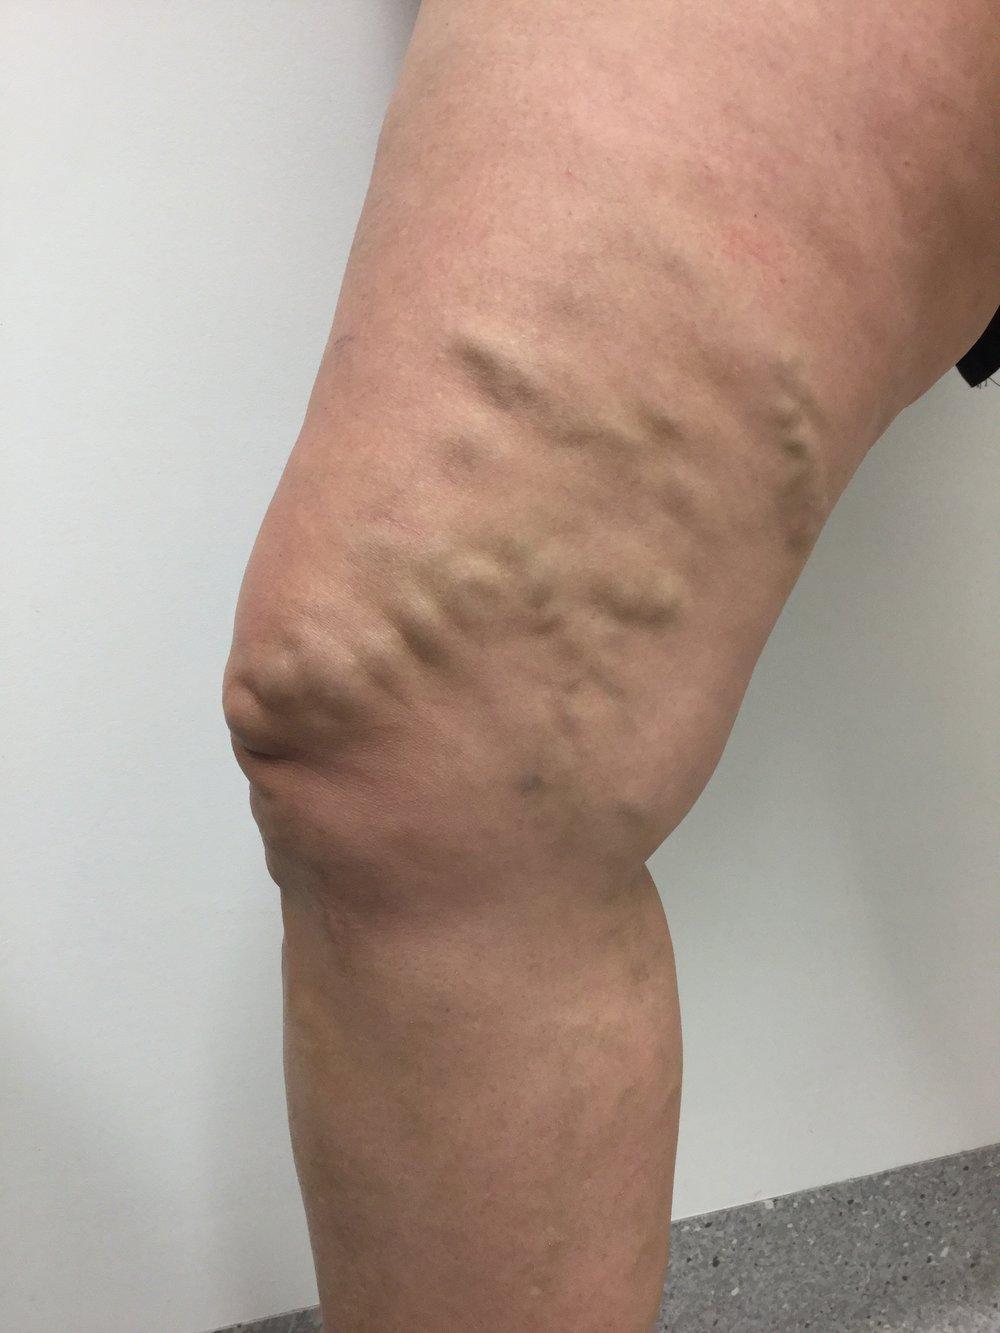 Spider Vein Treatment Brisbane Results The Leg Vein